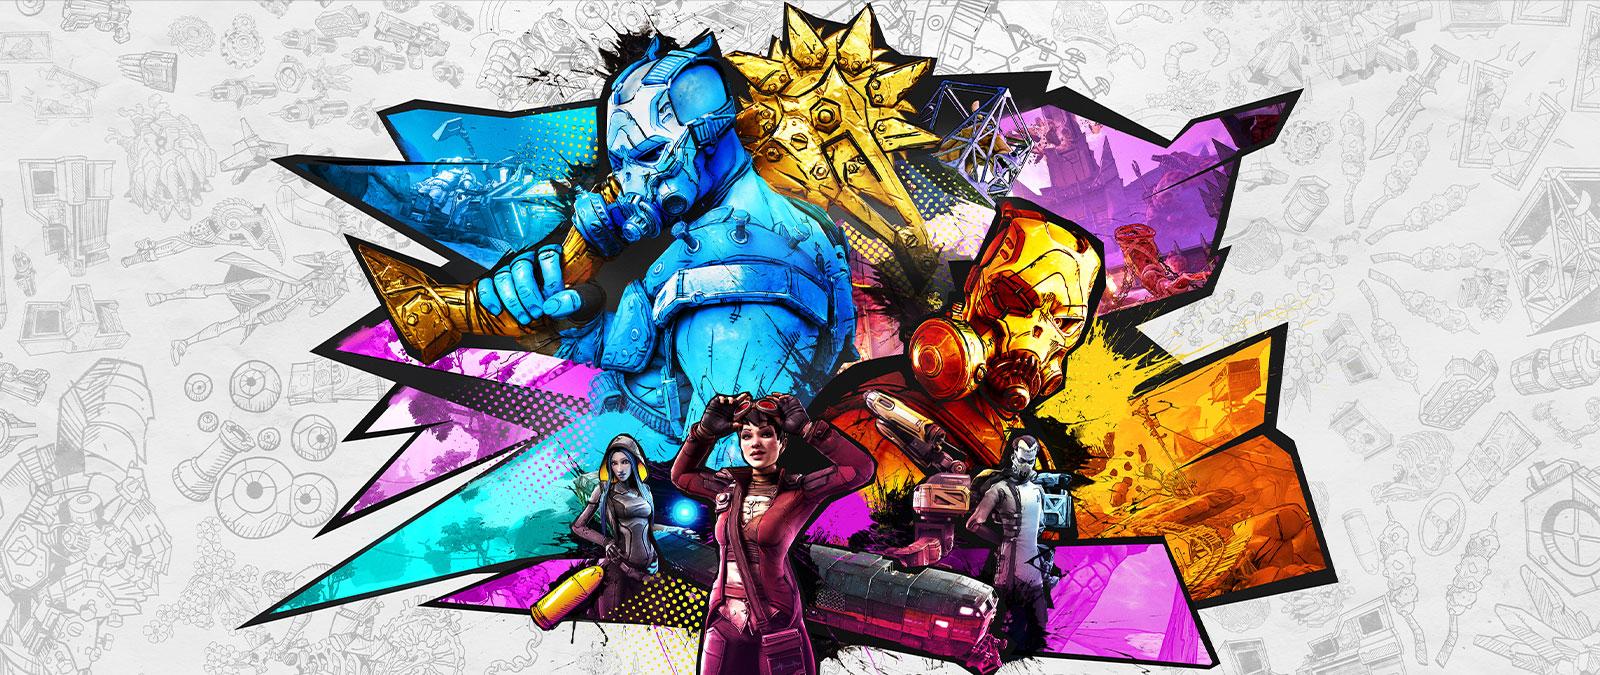 Un colorido collage del psicópata Krieg con otros buscacámaras y personajes.